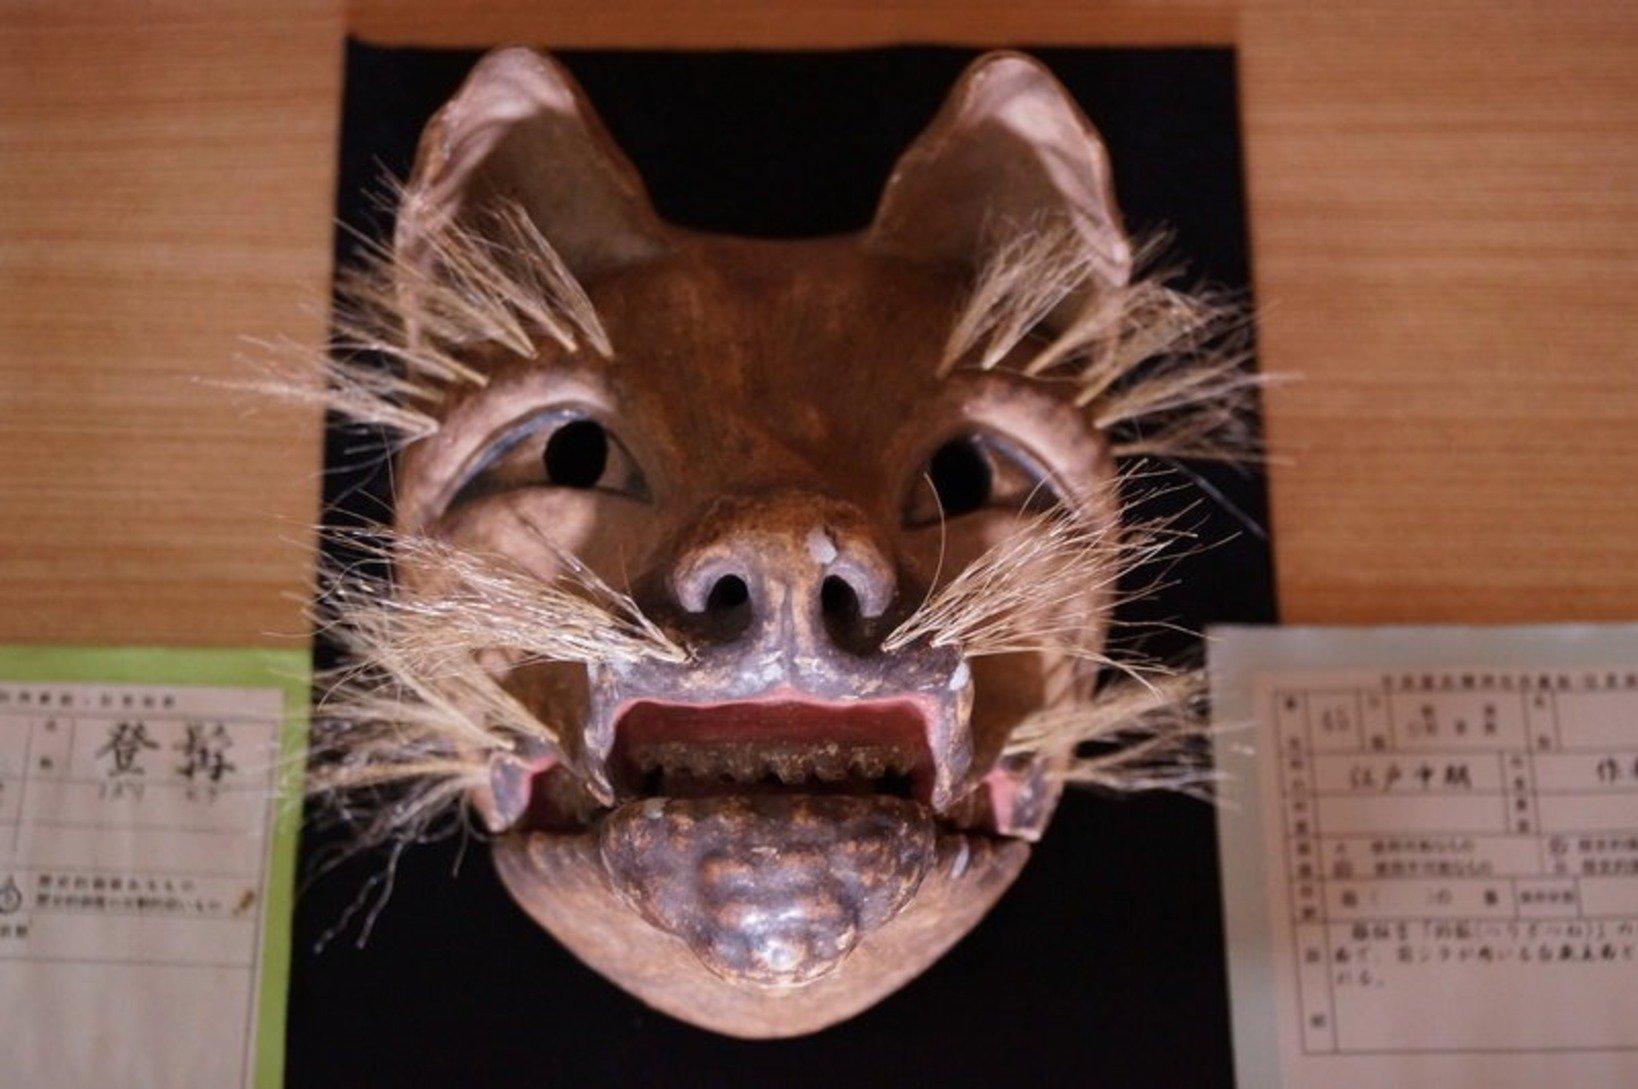 比較的珍しい動物の面。江戸中期に作られた狐の狂言面